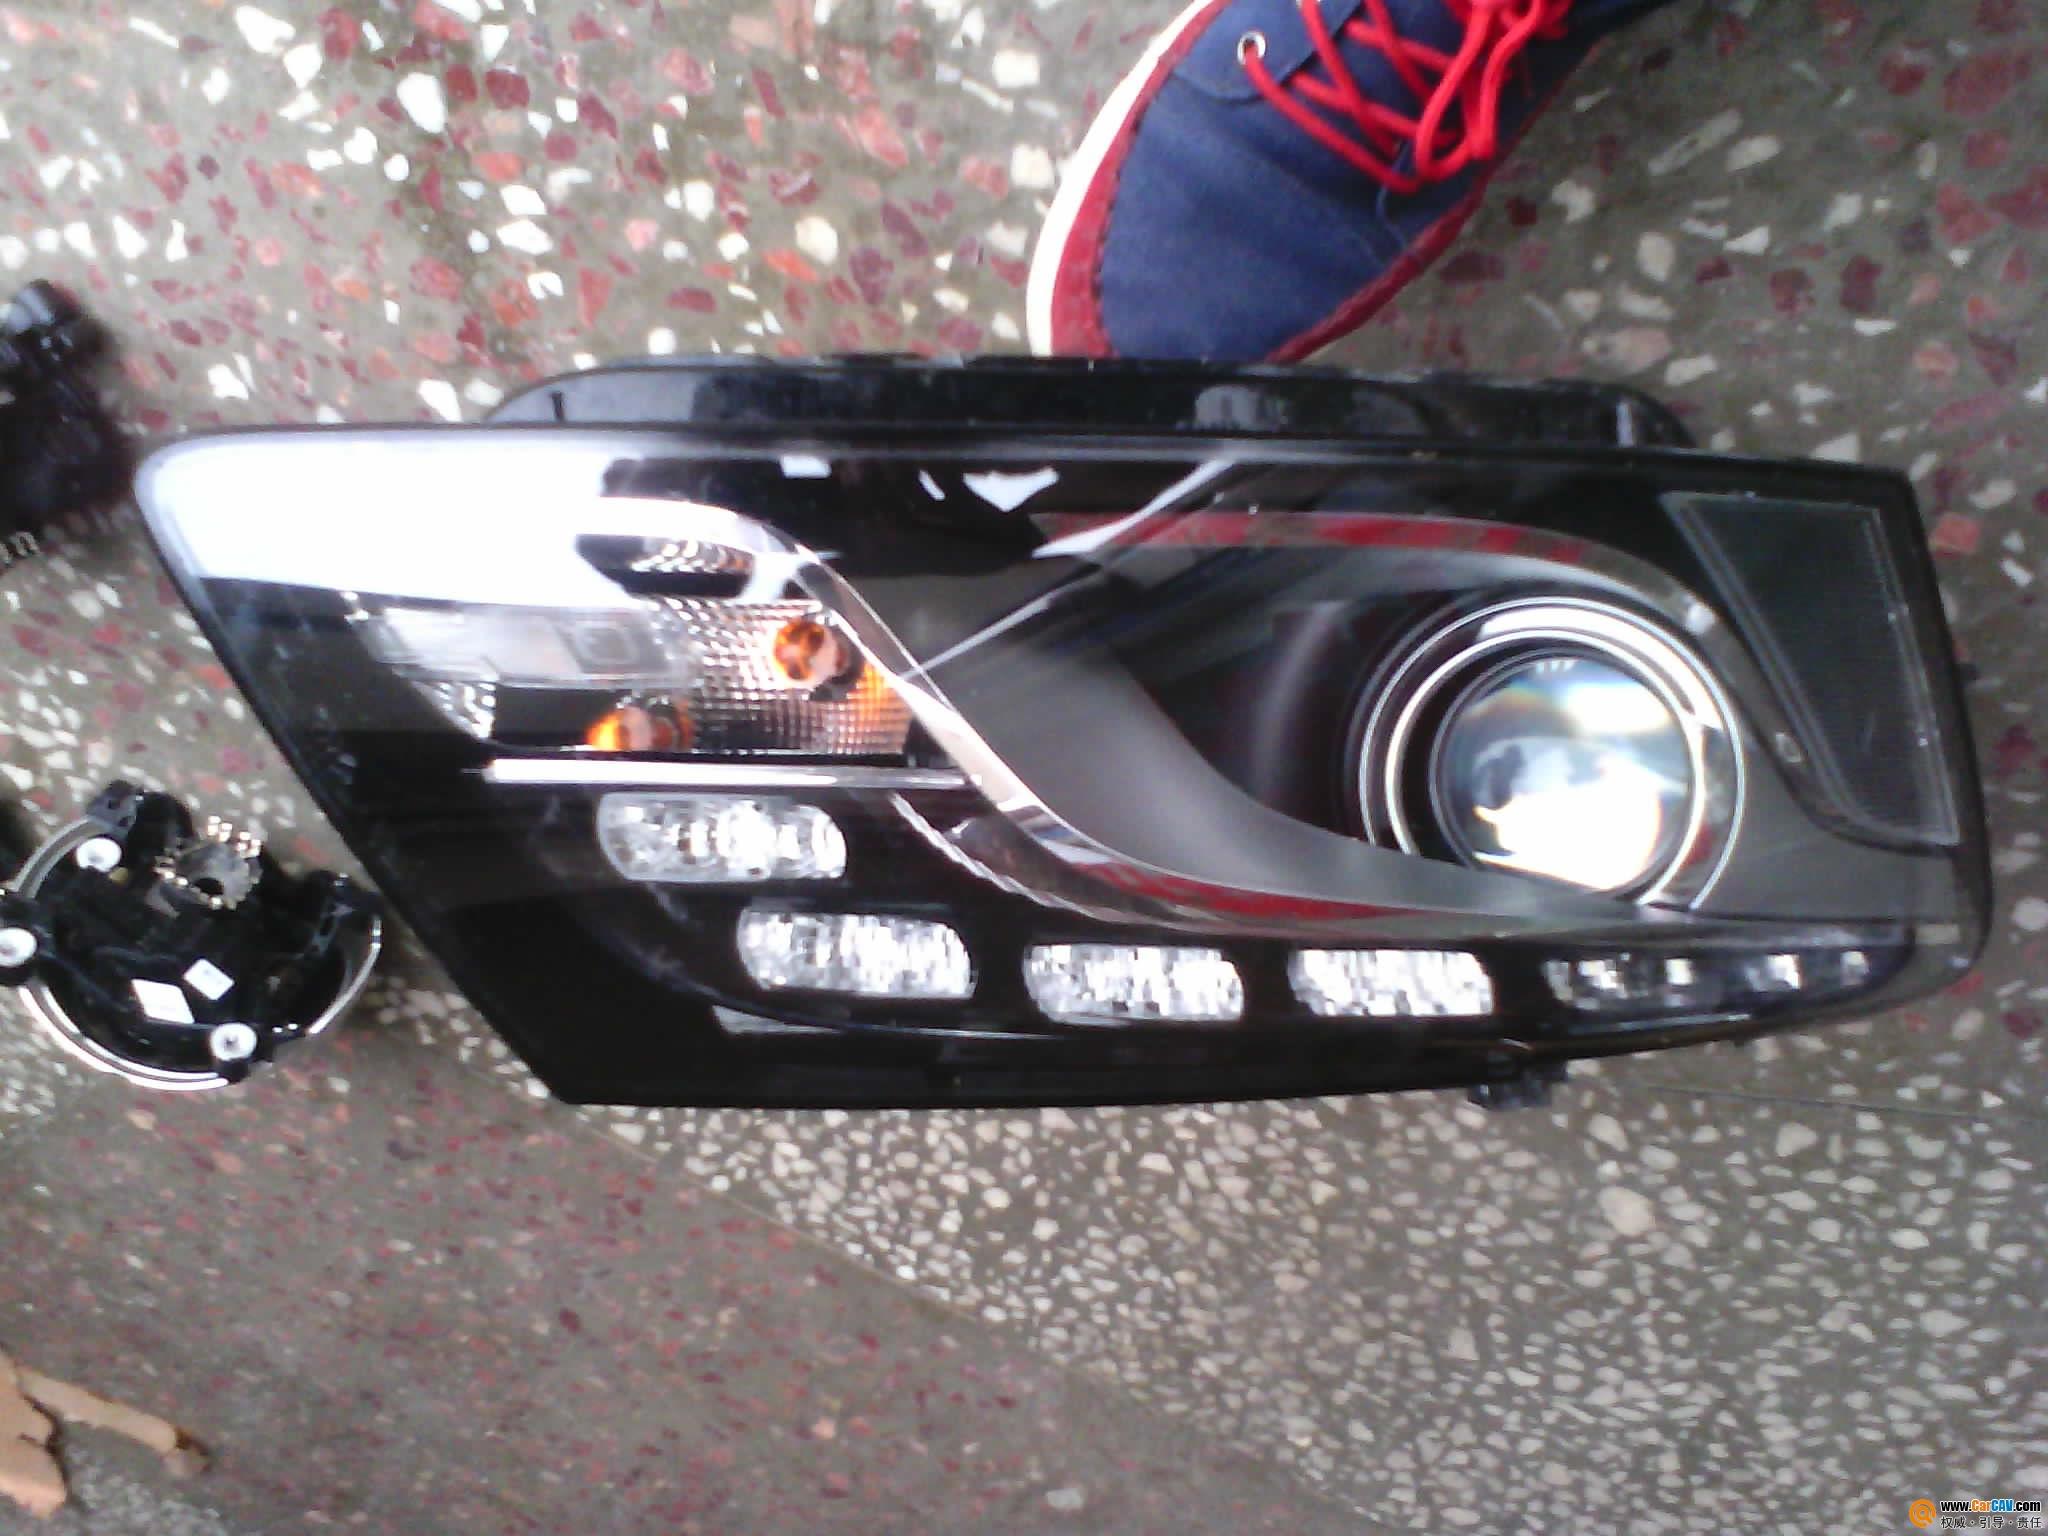 老款途锐 新帕萨特大灯各一个4s店拿出来的 跳蚤市场 汽车影高清图片